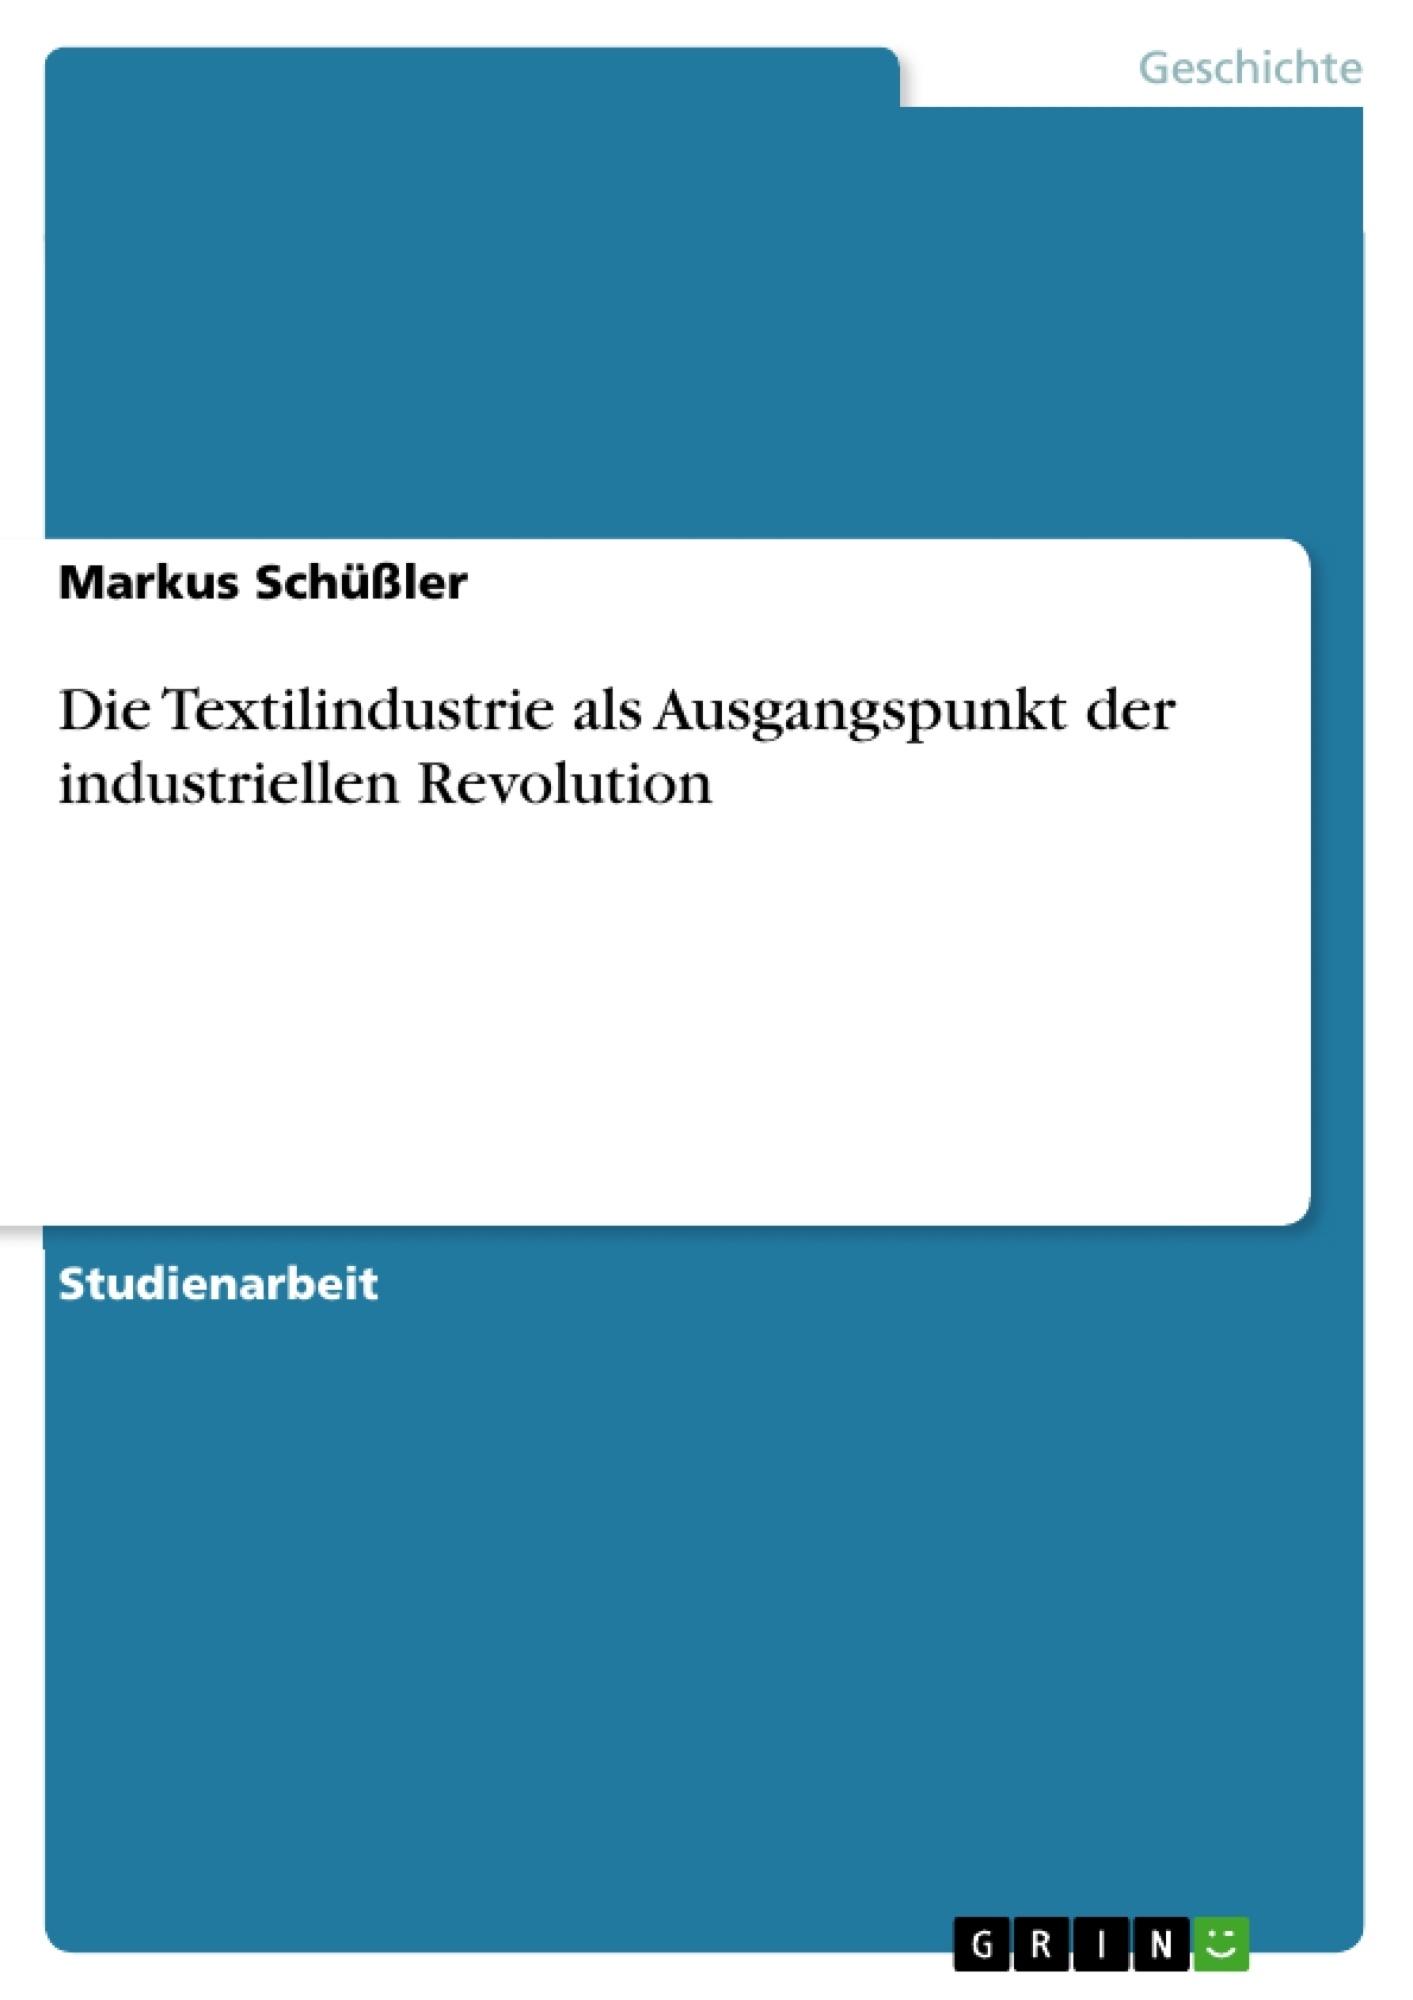 Titel: Die Textilindustrie als Ausgangspunkt der industriellen Revolution